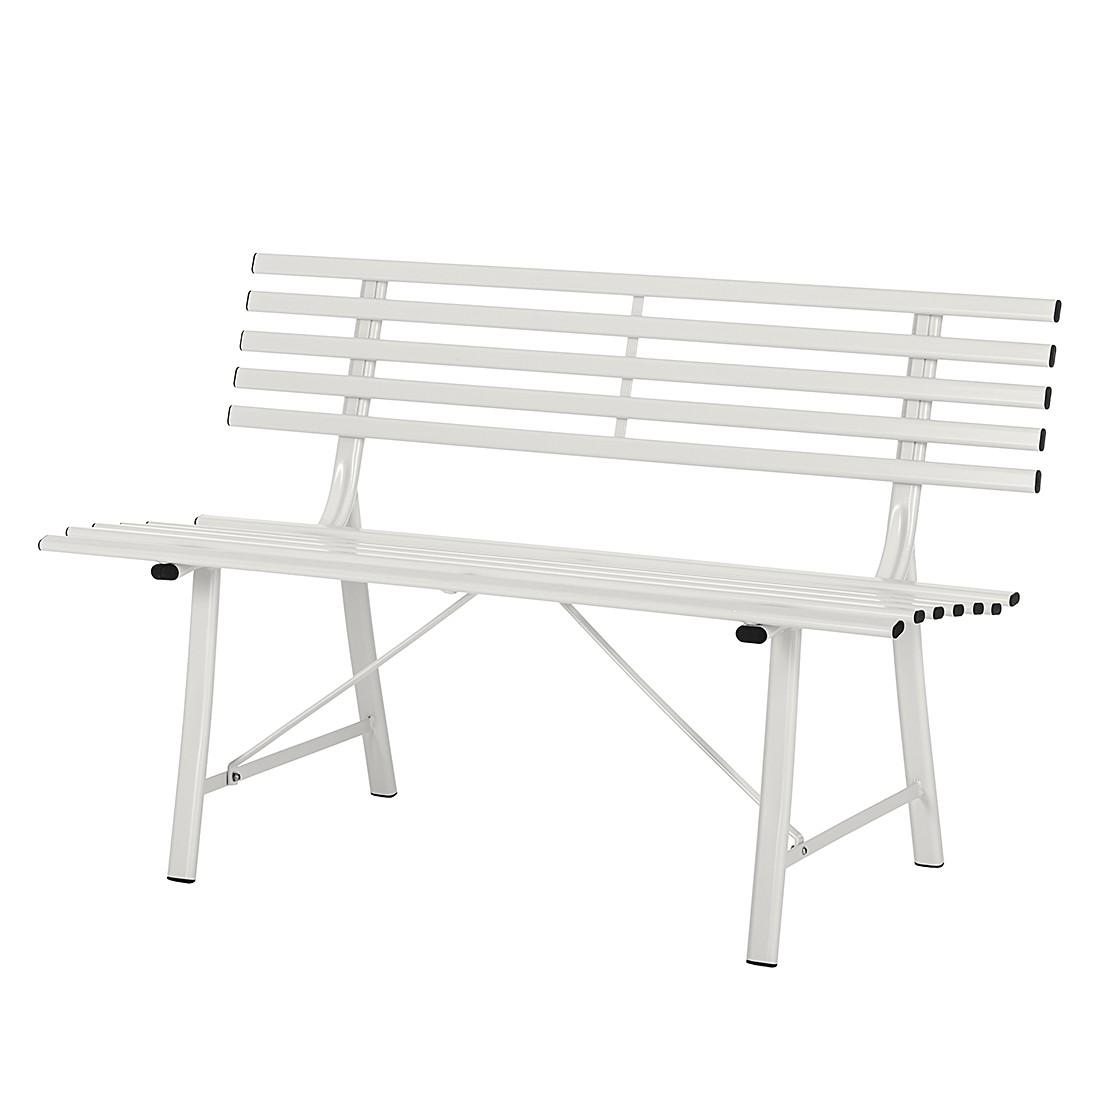 Gartenbank Parkslope - Weiß, mooved